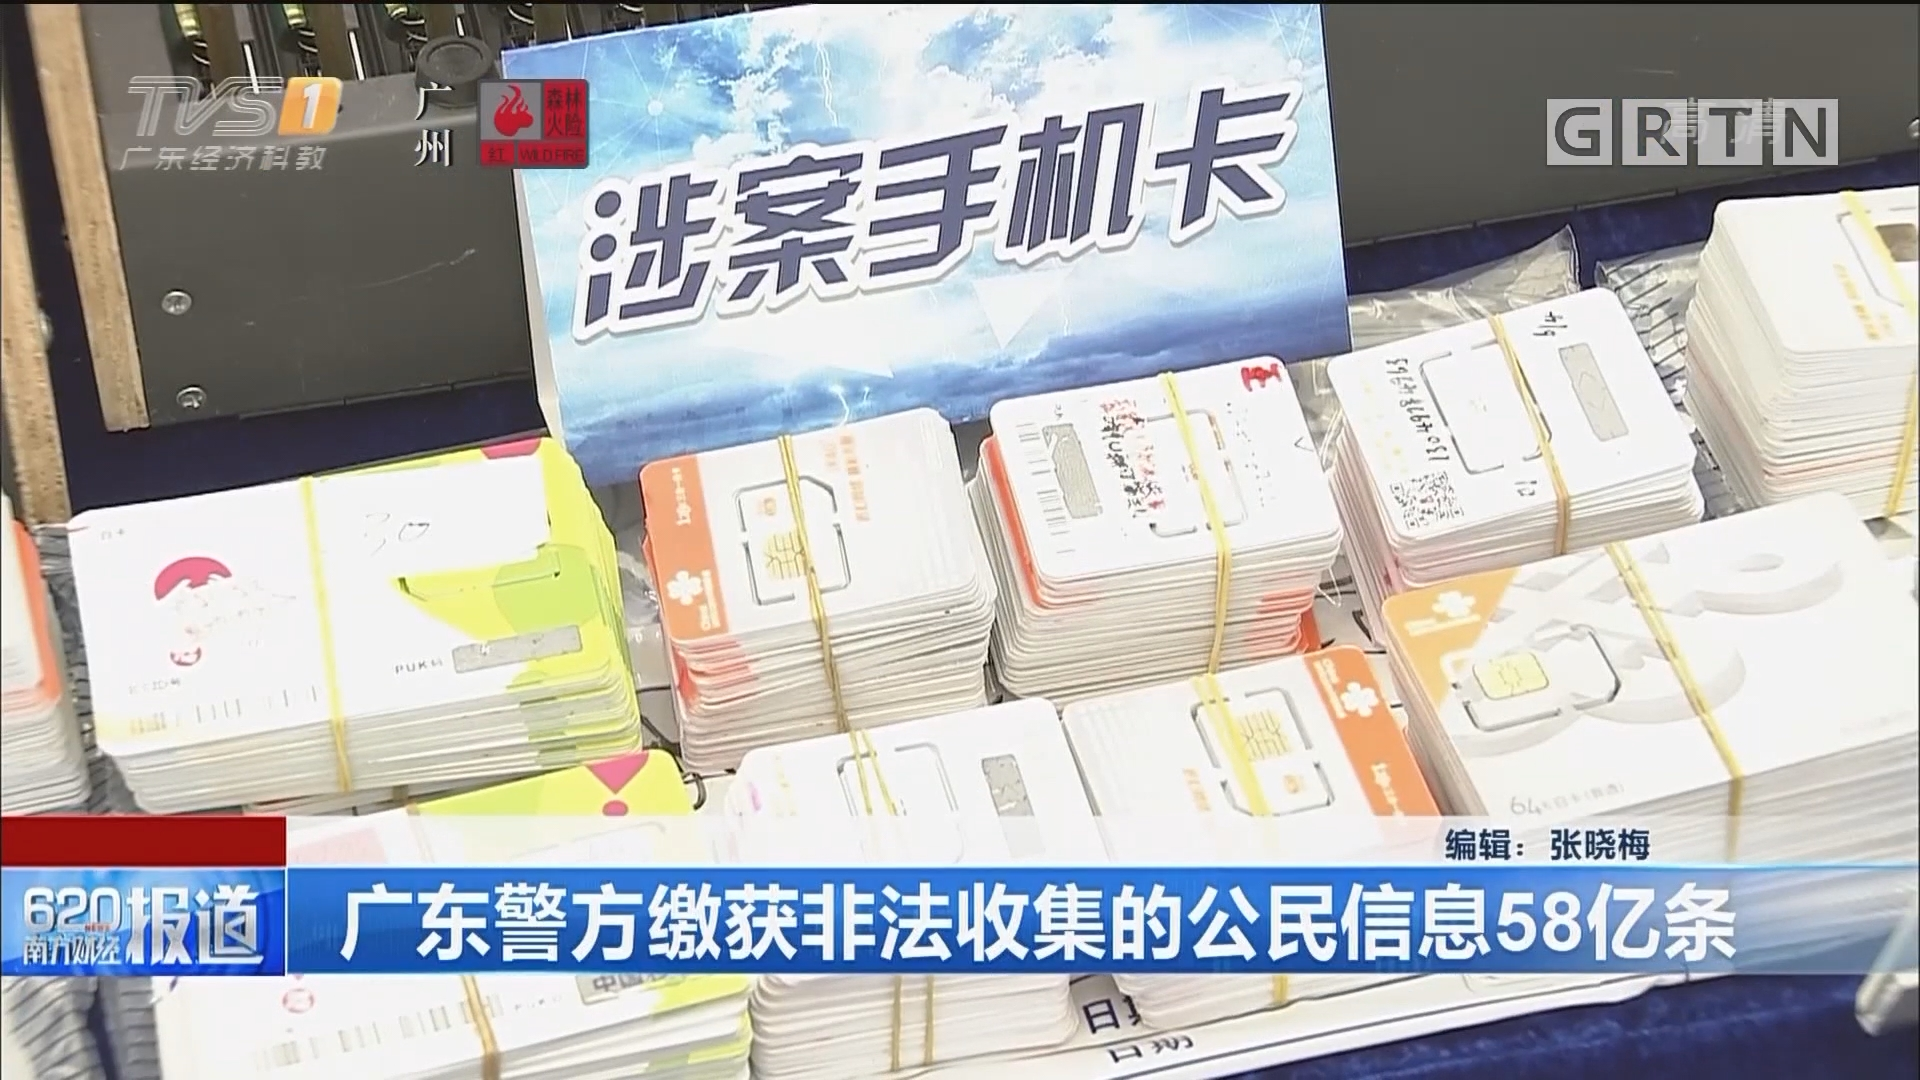 廣東警方繳獲非法收集的公民信息58億條